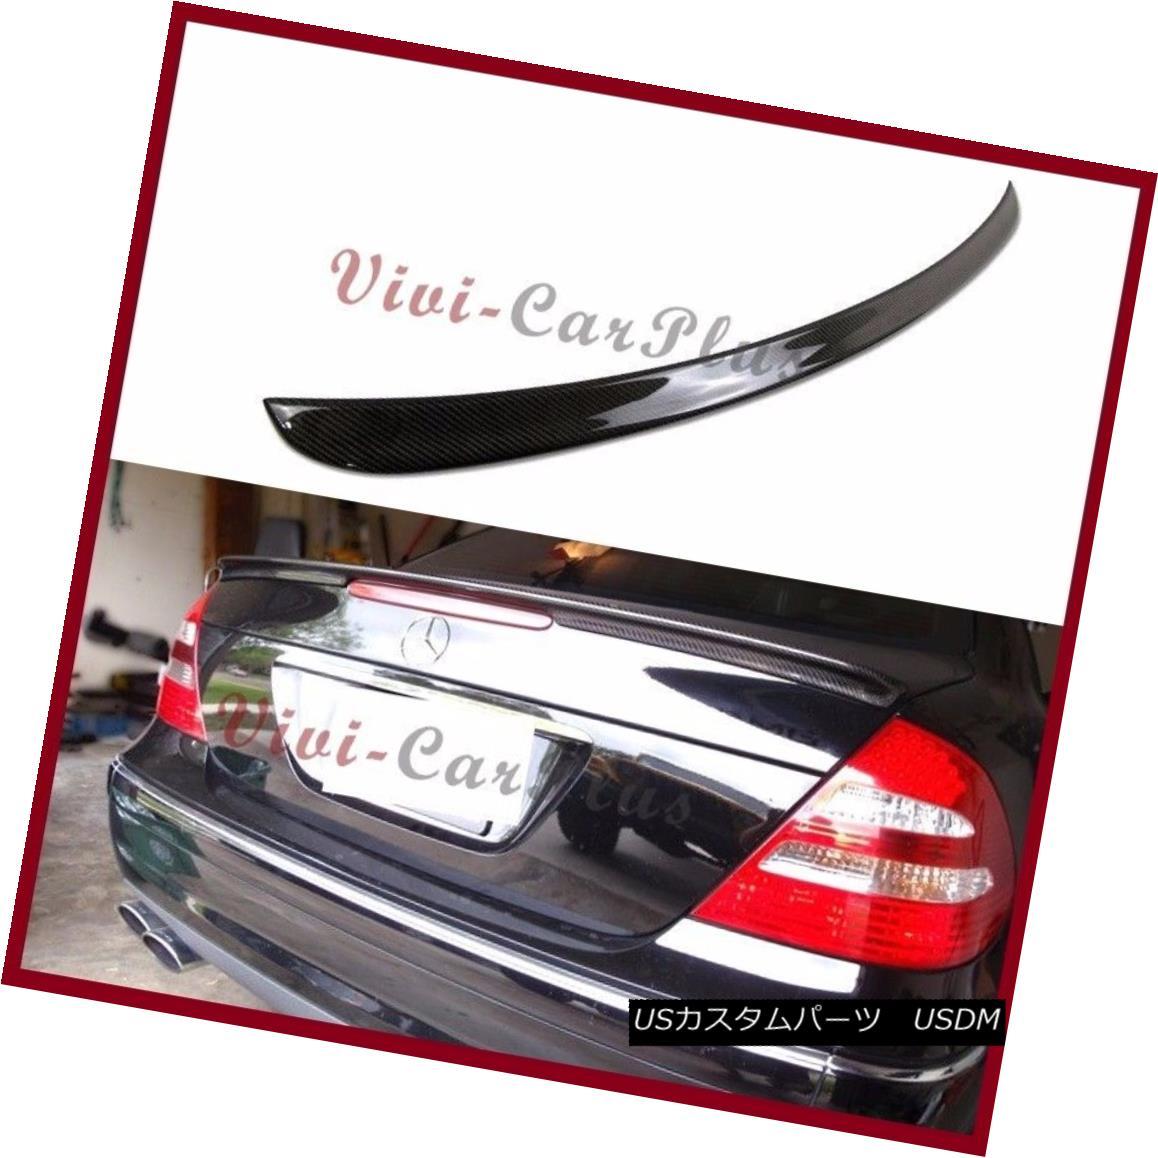 エアロパーツ A Type Trunk Boot Carbon Fiber Spoiler Fit 03-09 BENZ W211 E320 E500 E55AMG E63 Aタイプトランクブーツ炭素繊維スポイラーフィット03-09ベンツW211 E320 E500 E55AMG E63